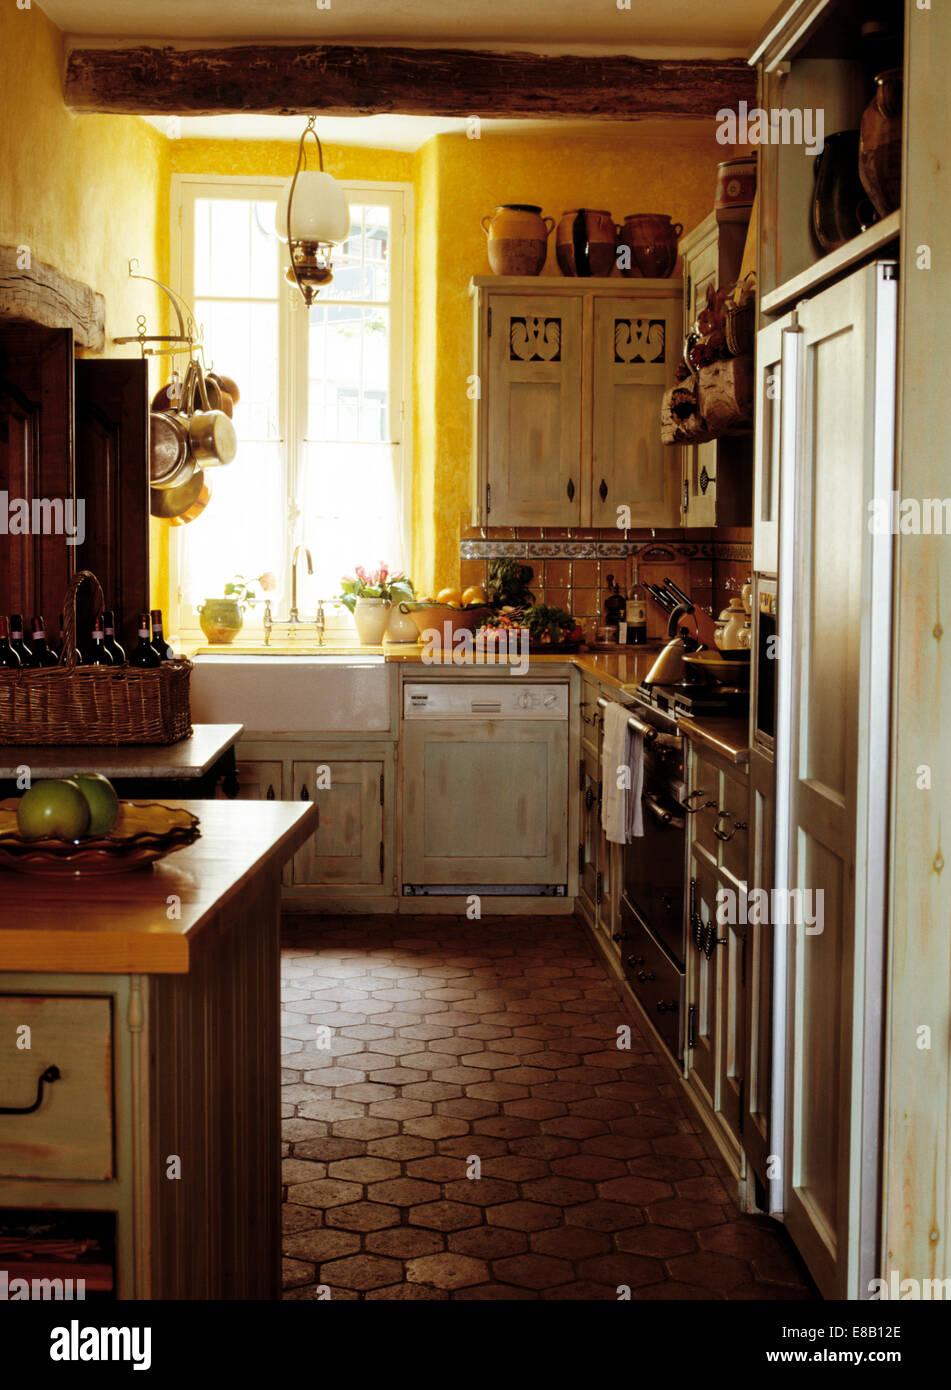 Terracotta Tiled Floor In Country Stock Photos Terracotta Tiled